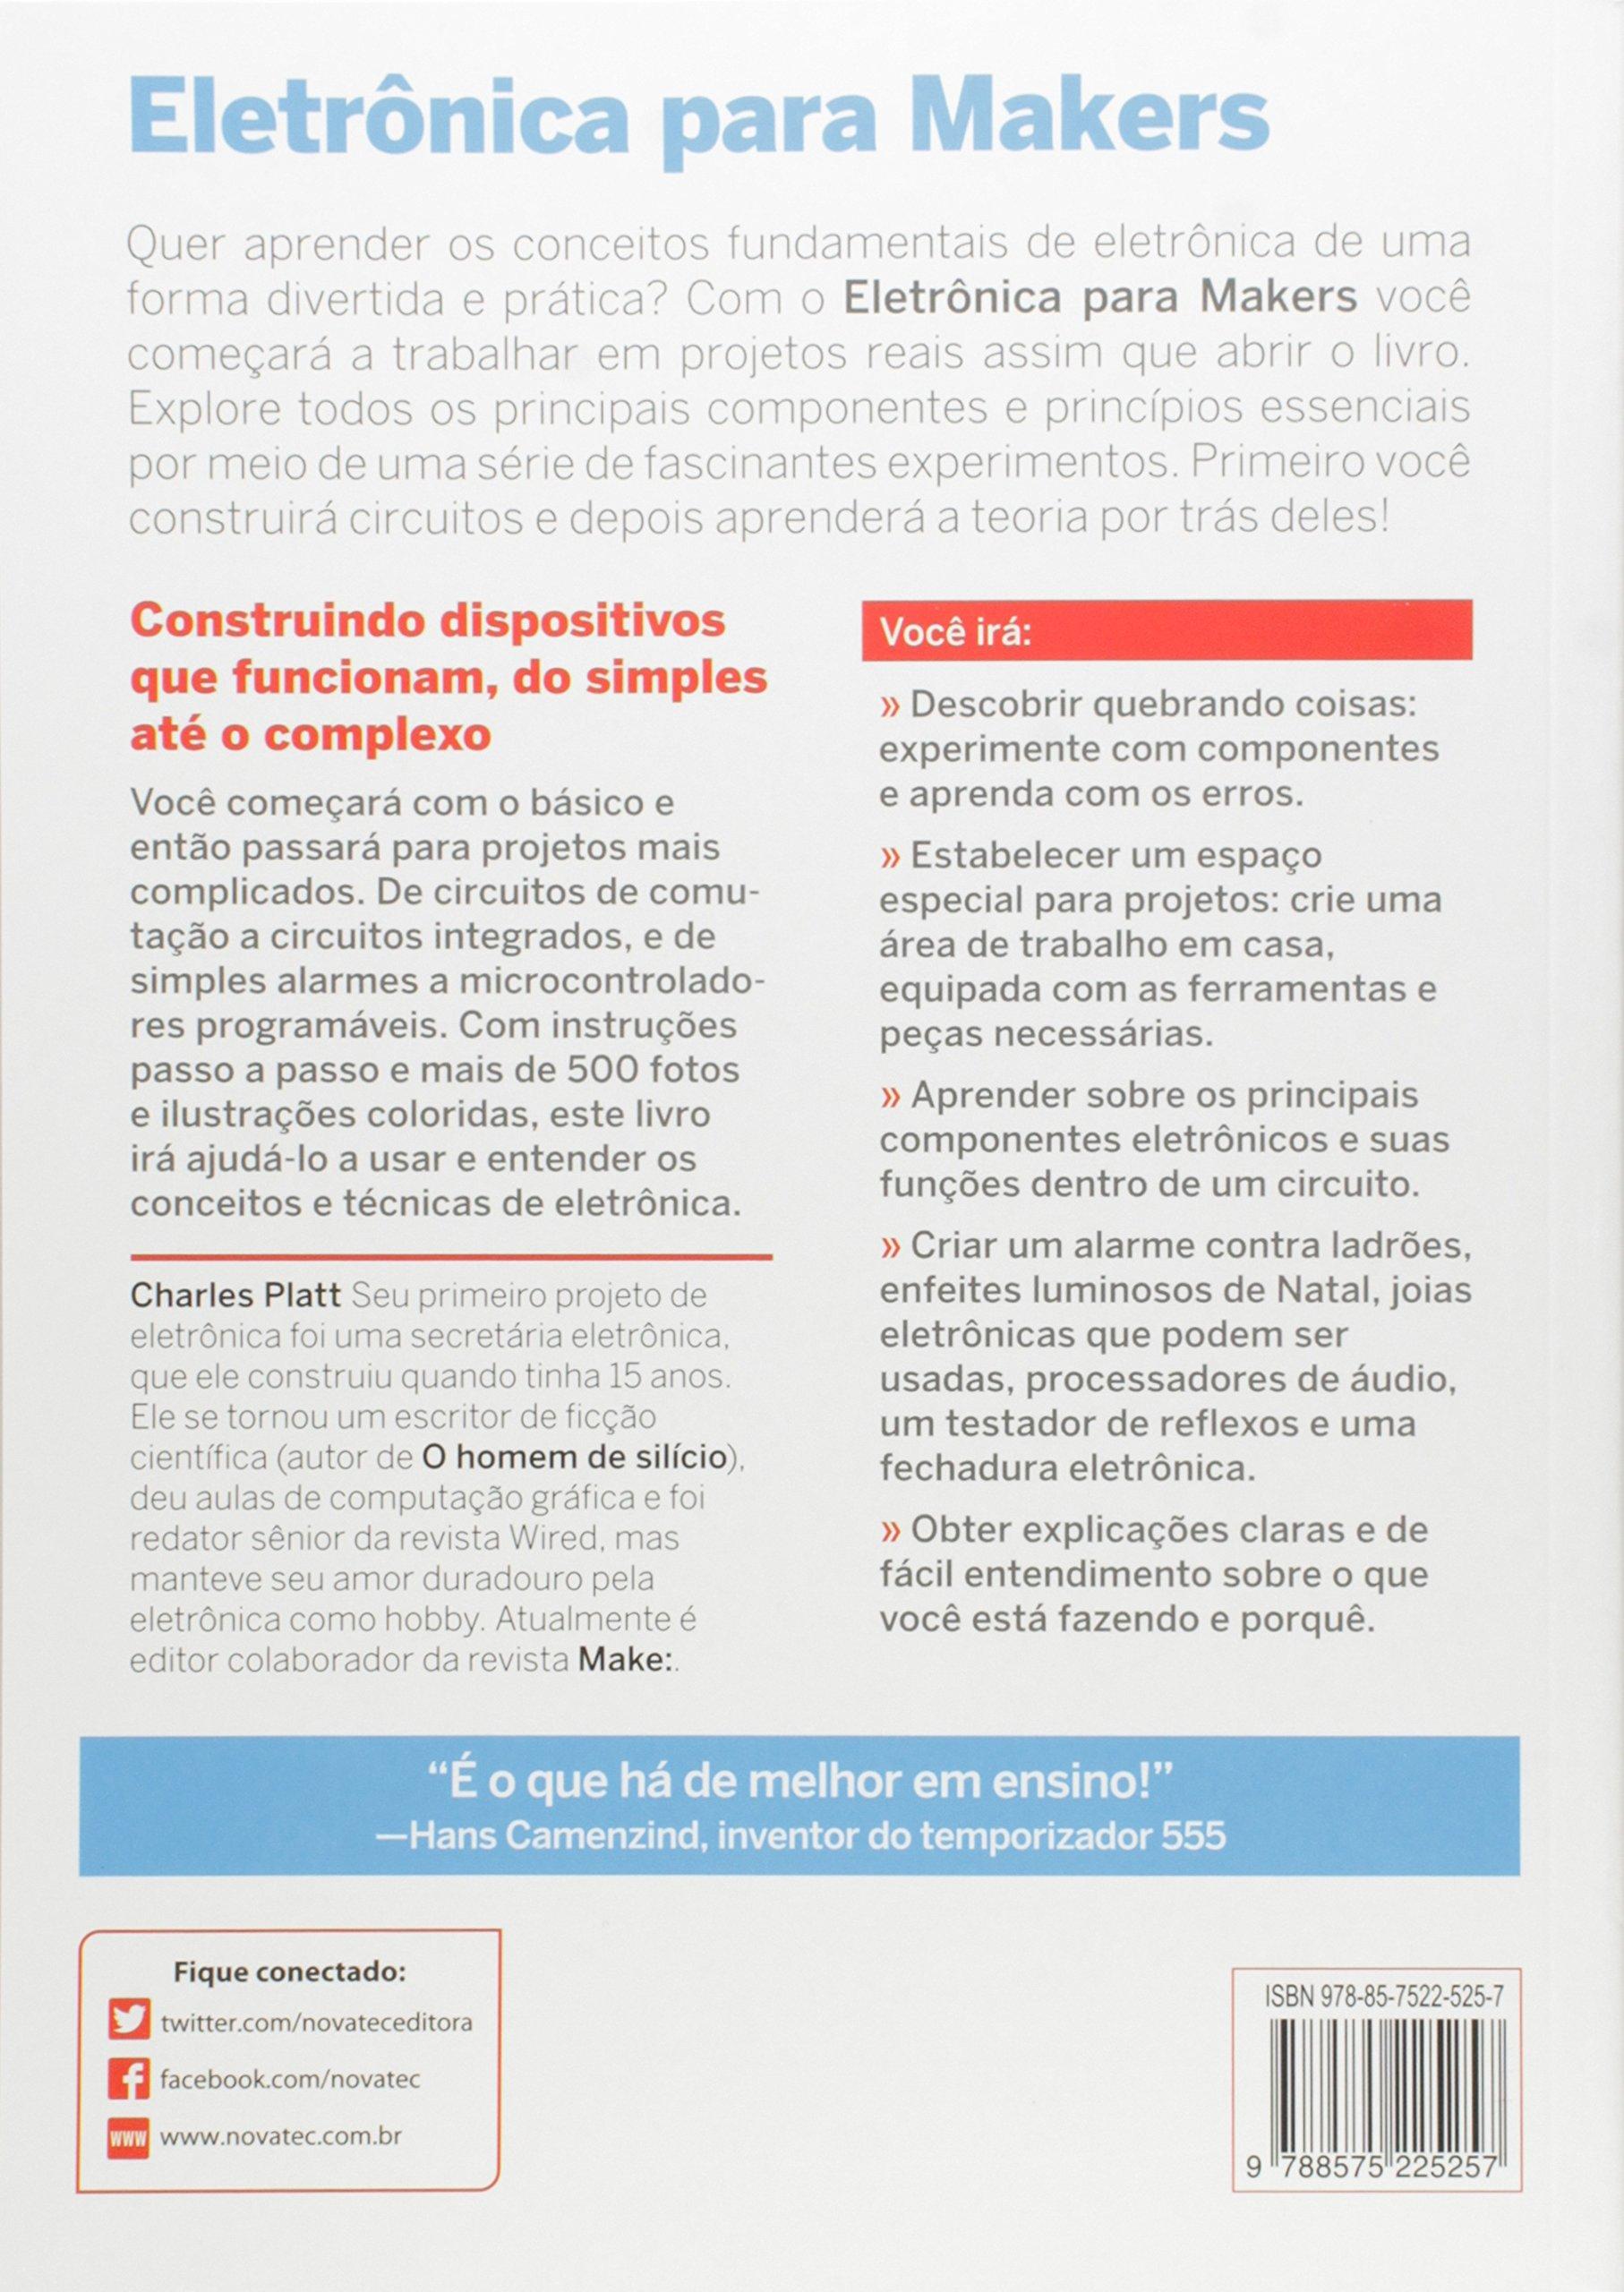 Total revista pdf eletronica